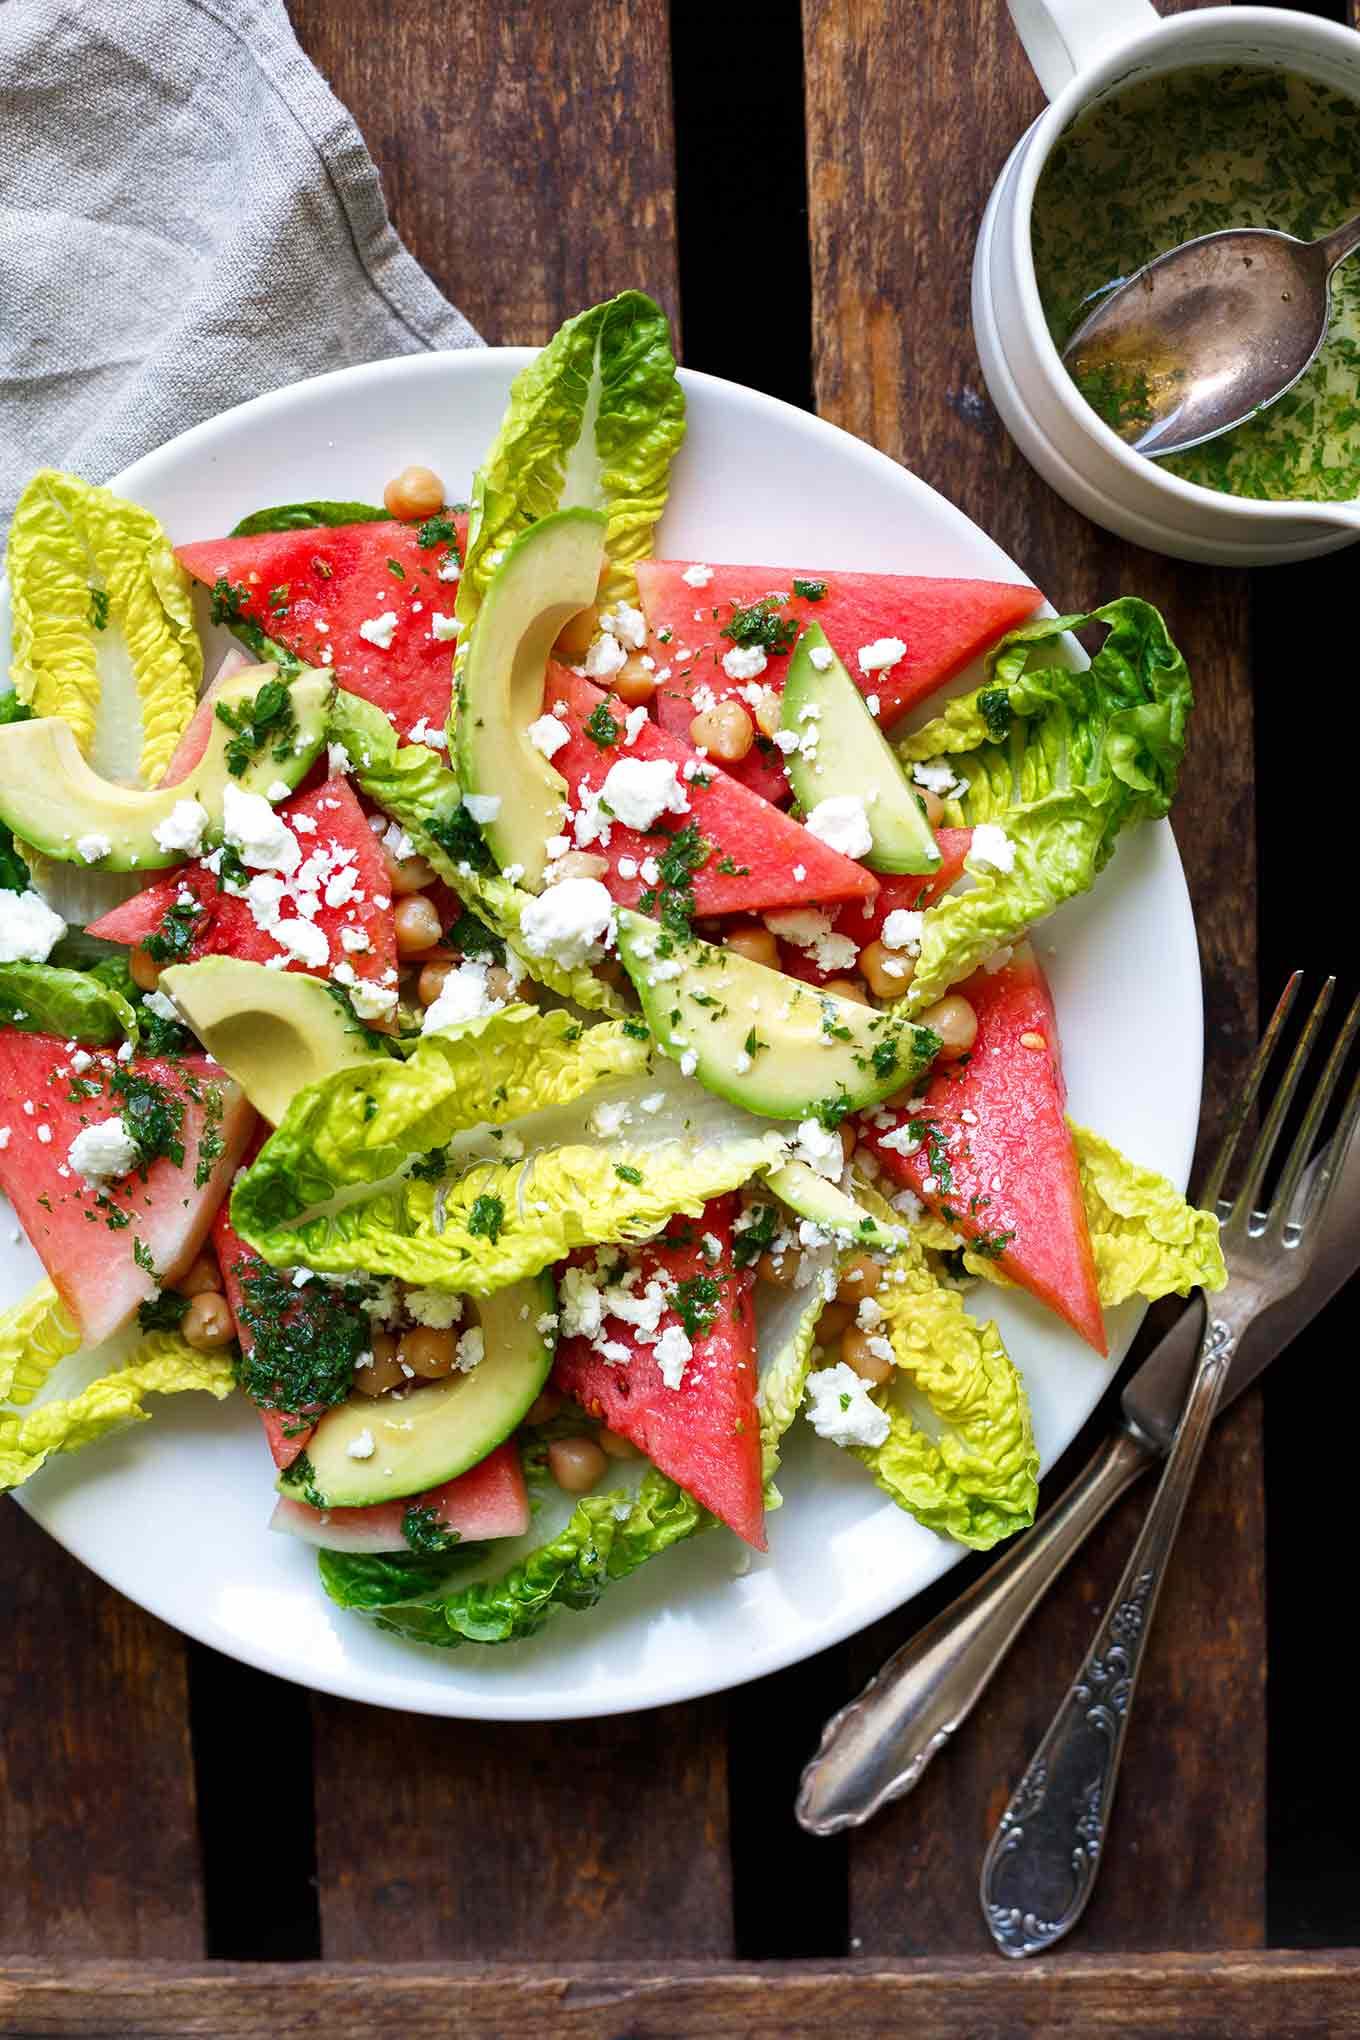 Wassermelonen-Feta-Salat mit Minze und Avocado. Dieses 8-Zutaten Rezept ist einfach, sommerlich und SO gut. Perfekt! - Kochkarussell.com #wassermelone #feta #minze #salat #rezept #sommer